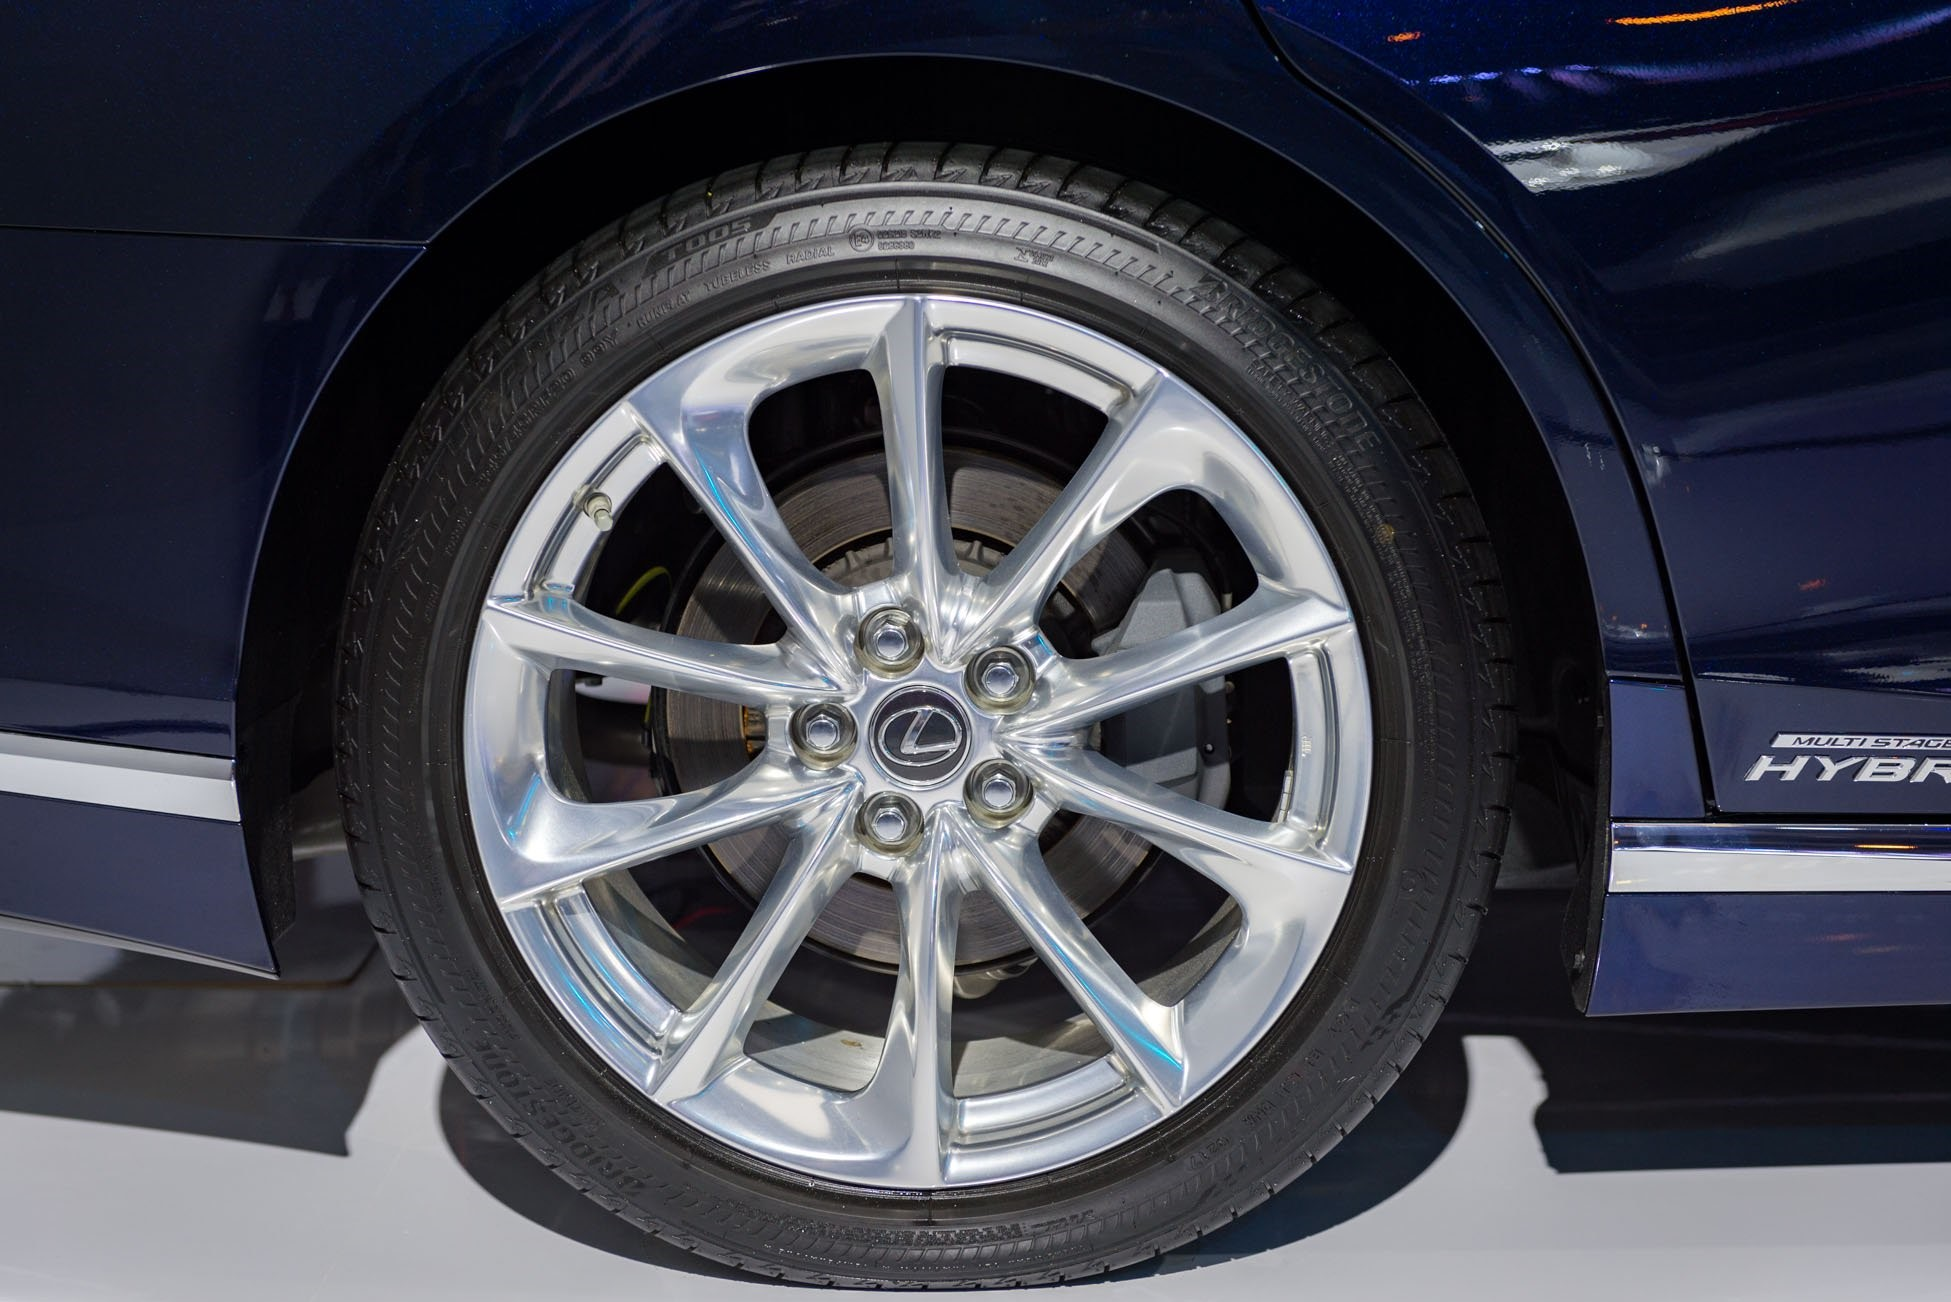 Đã bao giờ bạn thắc mắc vì sao màu lốp xe ô tô lại chỉ có màu đen mà không phải màu khác chưa?